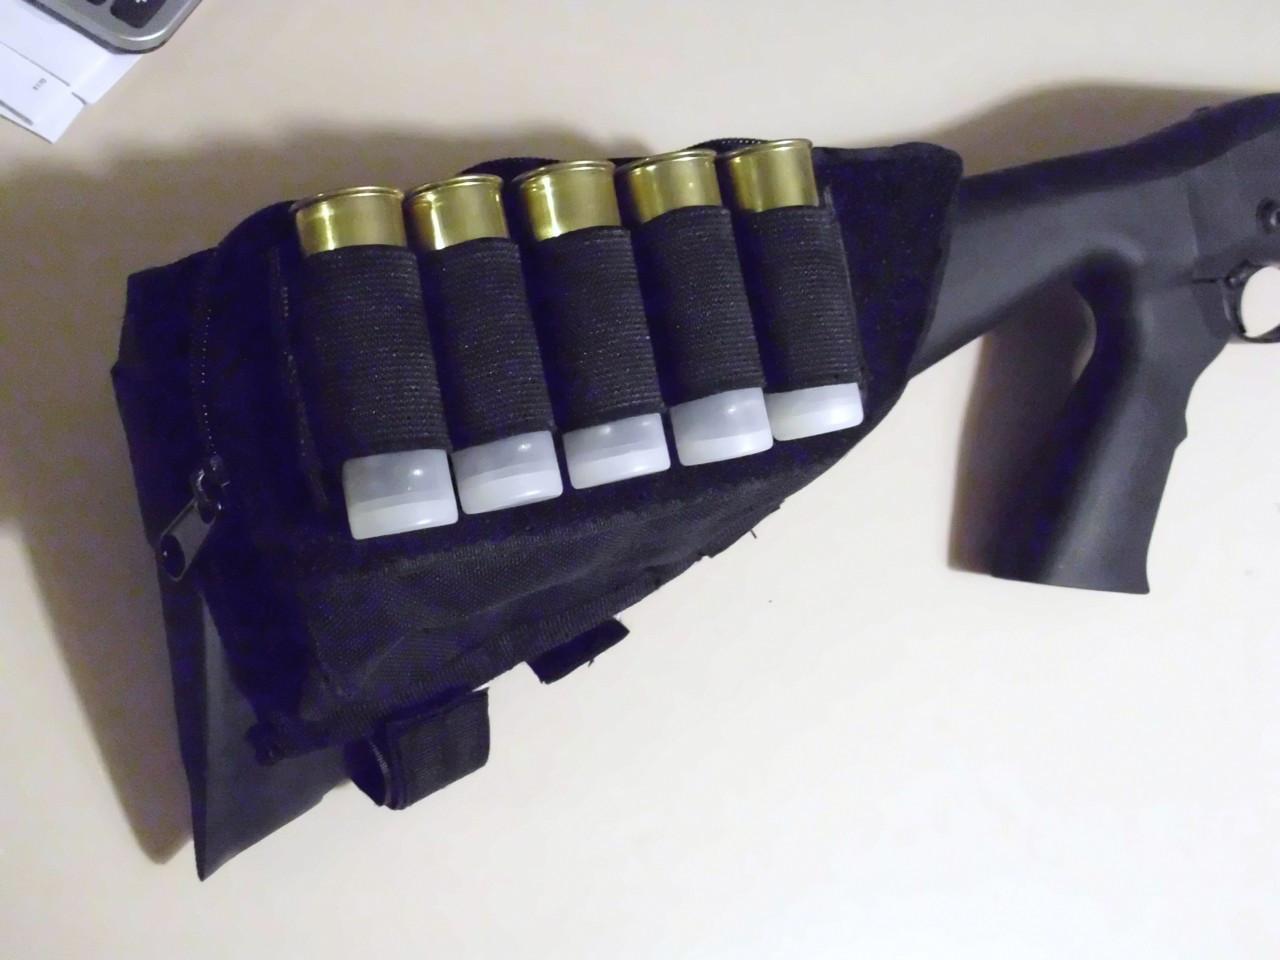 Tactical Butt Stock Shotgun Cheek Rest Ammo Pouch Black Aps